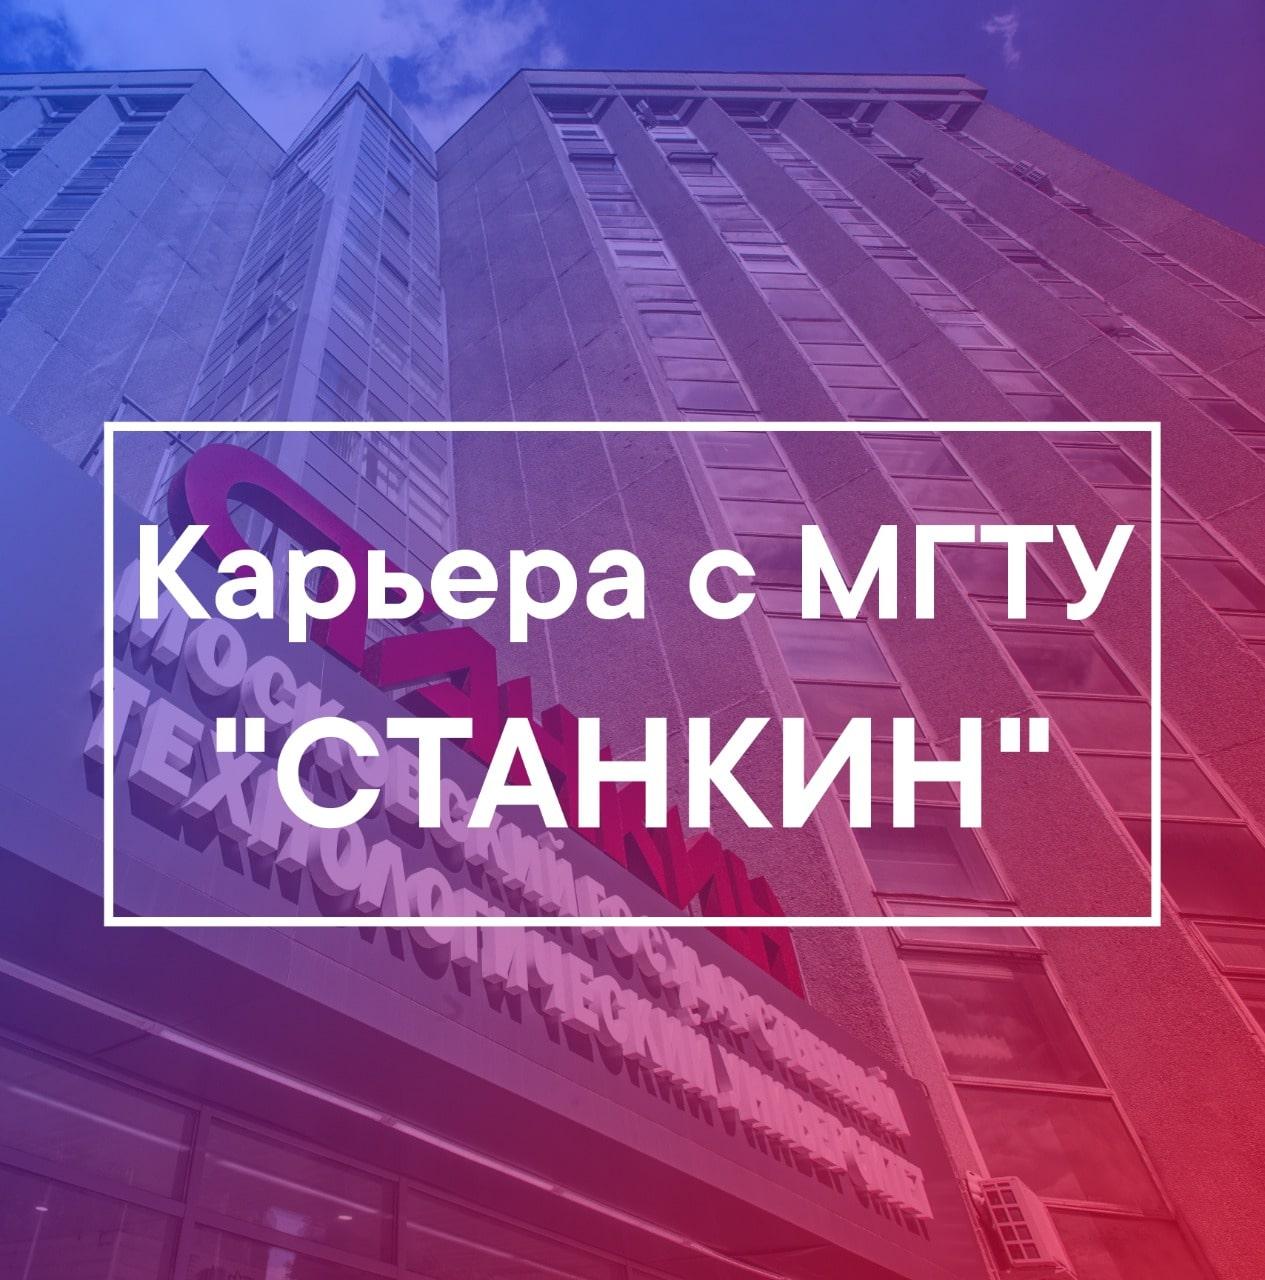 Ярмарка вакансий МГТУ СТАНКИН